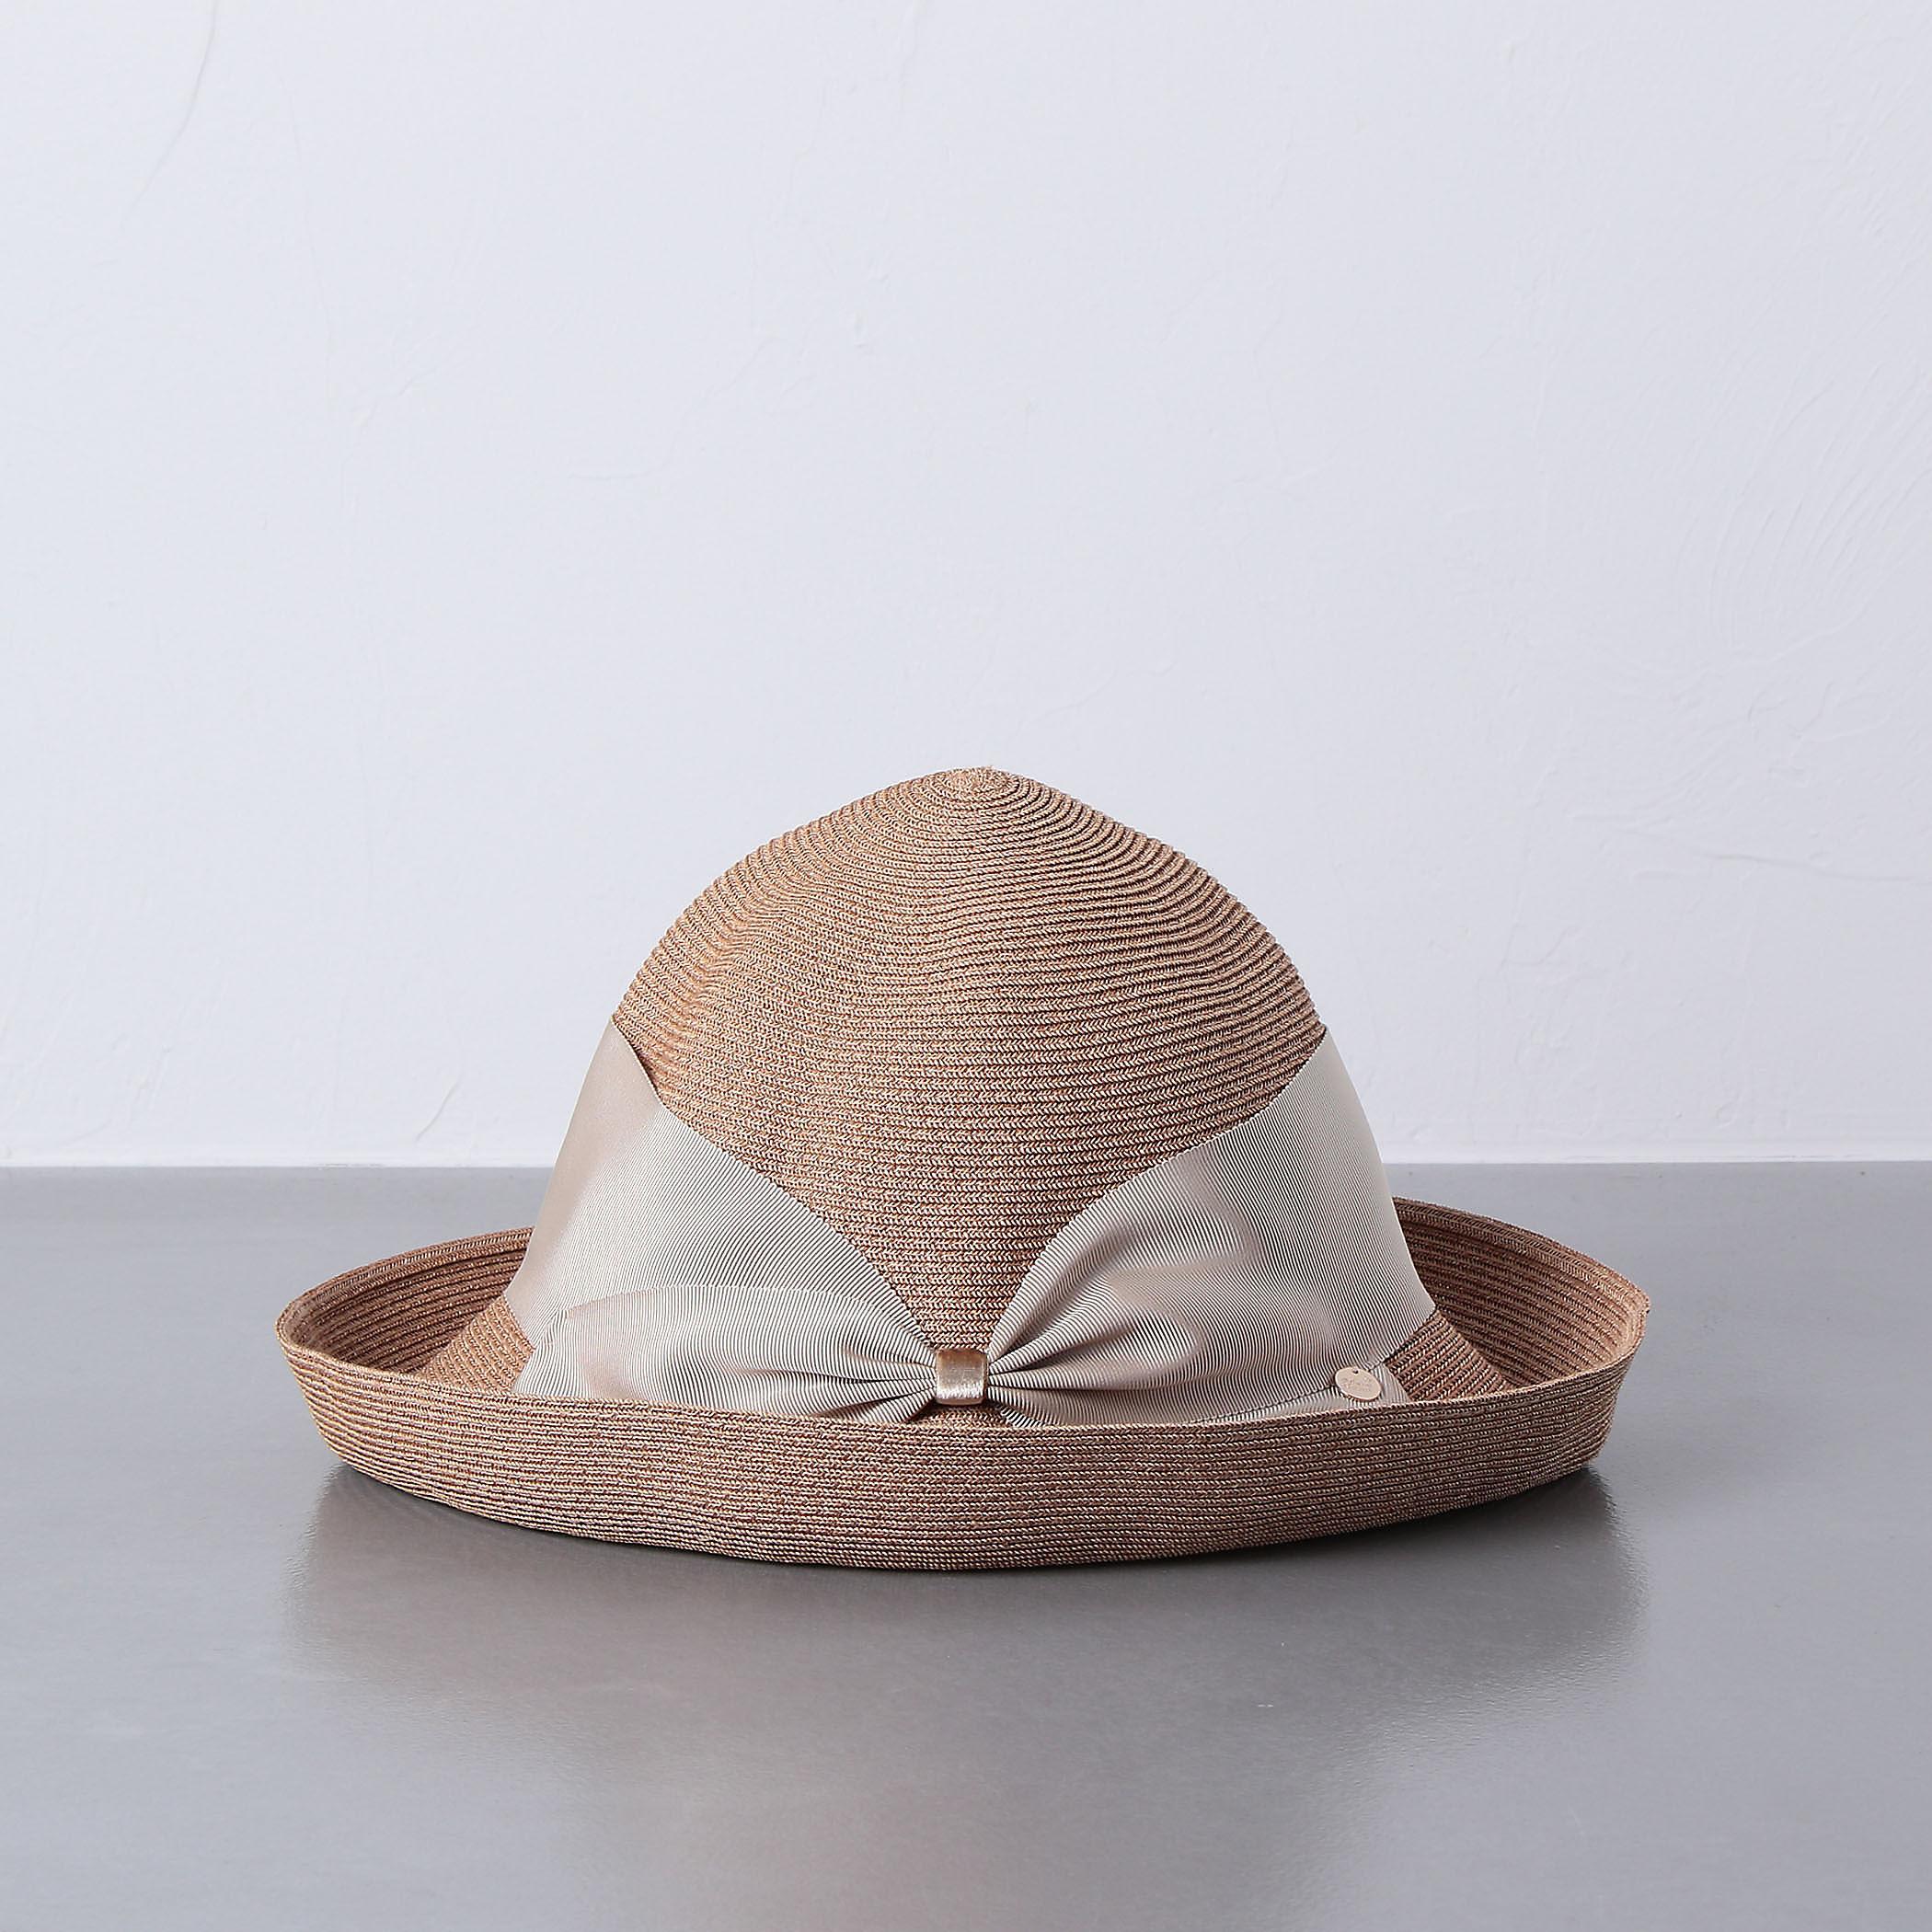 アッシーナニューヨーク たためる 折りたたみ 帽子 リゾート